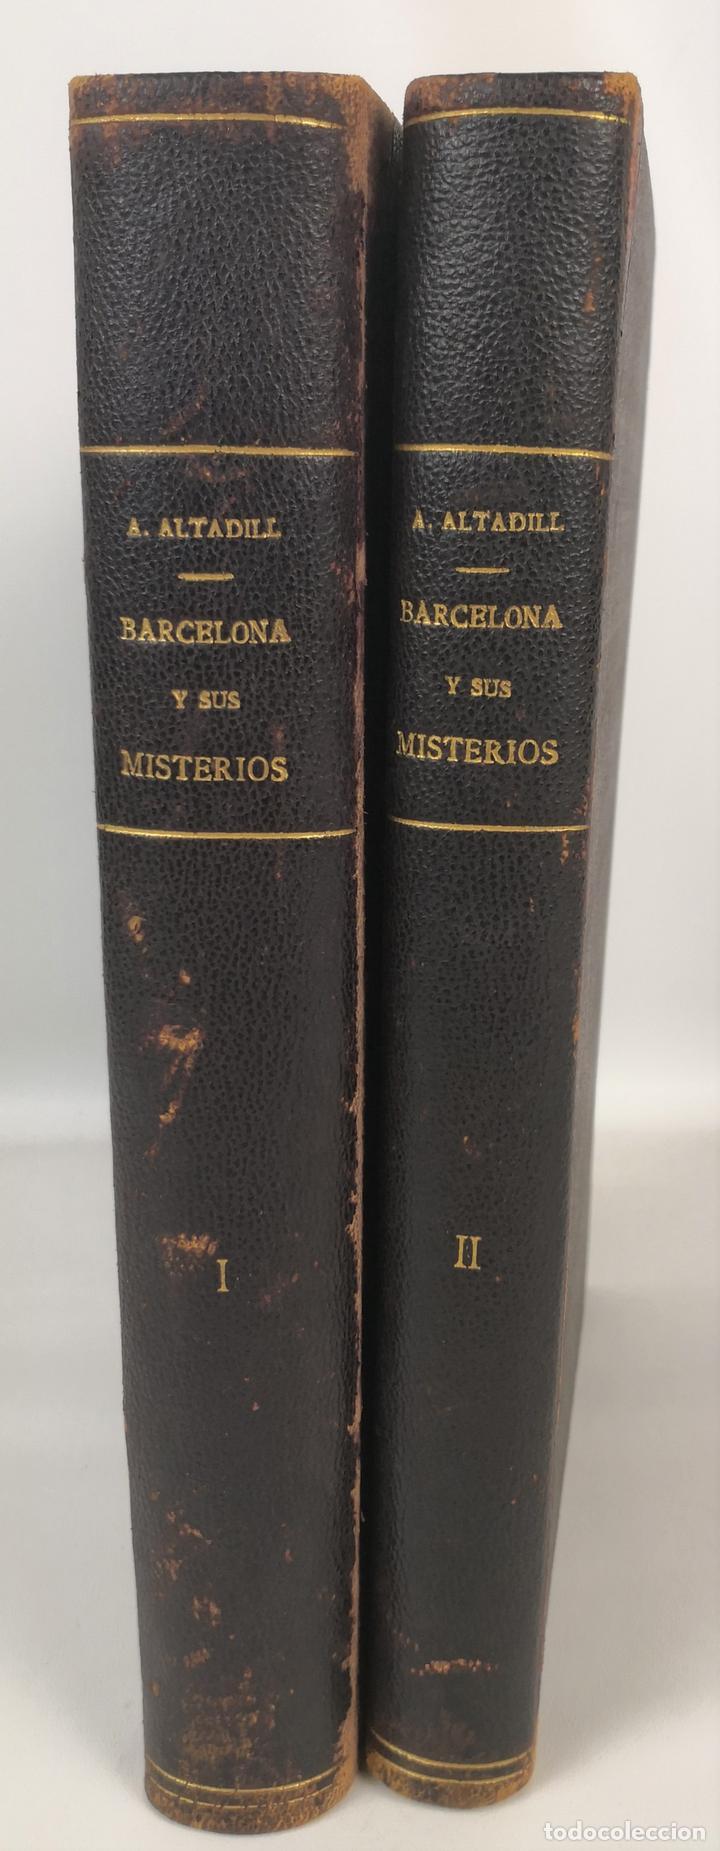 BARCELONA Y SUS MISTERIOS. 2 TOMOS. ANTONIO ALTADILL. EDIT VIUDA É HIJOS DE J.TORRENS. 1891. (Libros antiguos (hasta 1936), raros y curiosos - Literatura - Terror, Misterio y Policíaco)